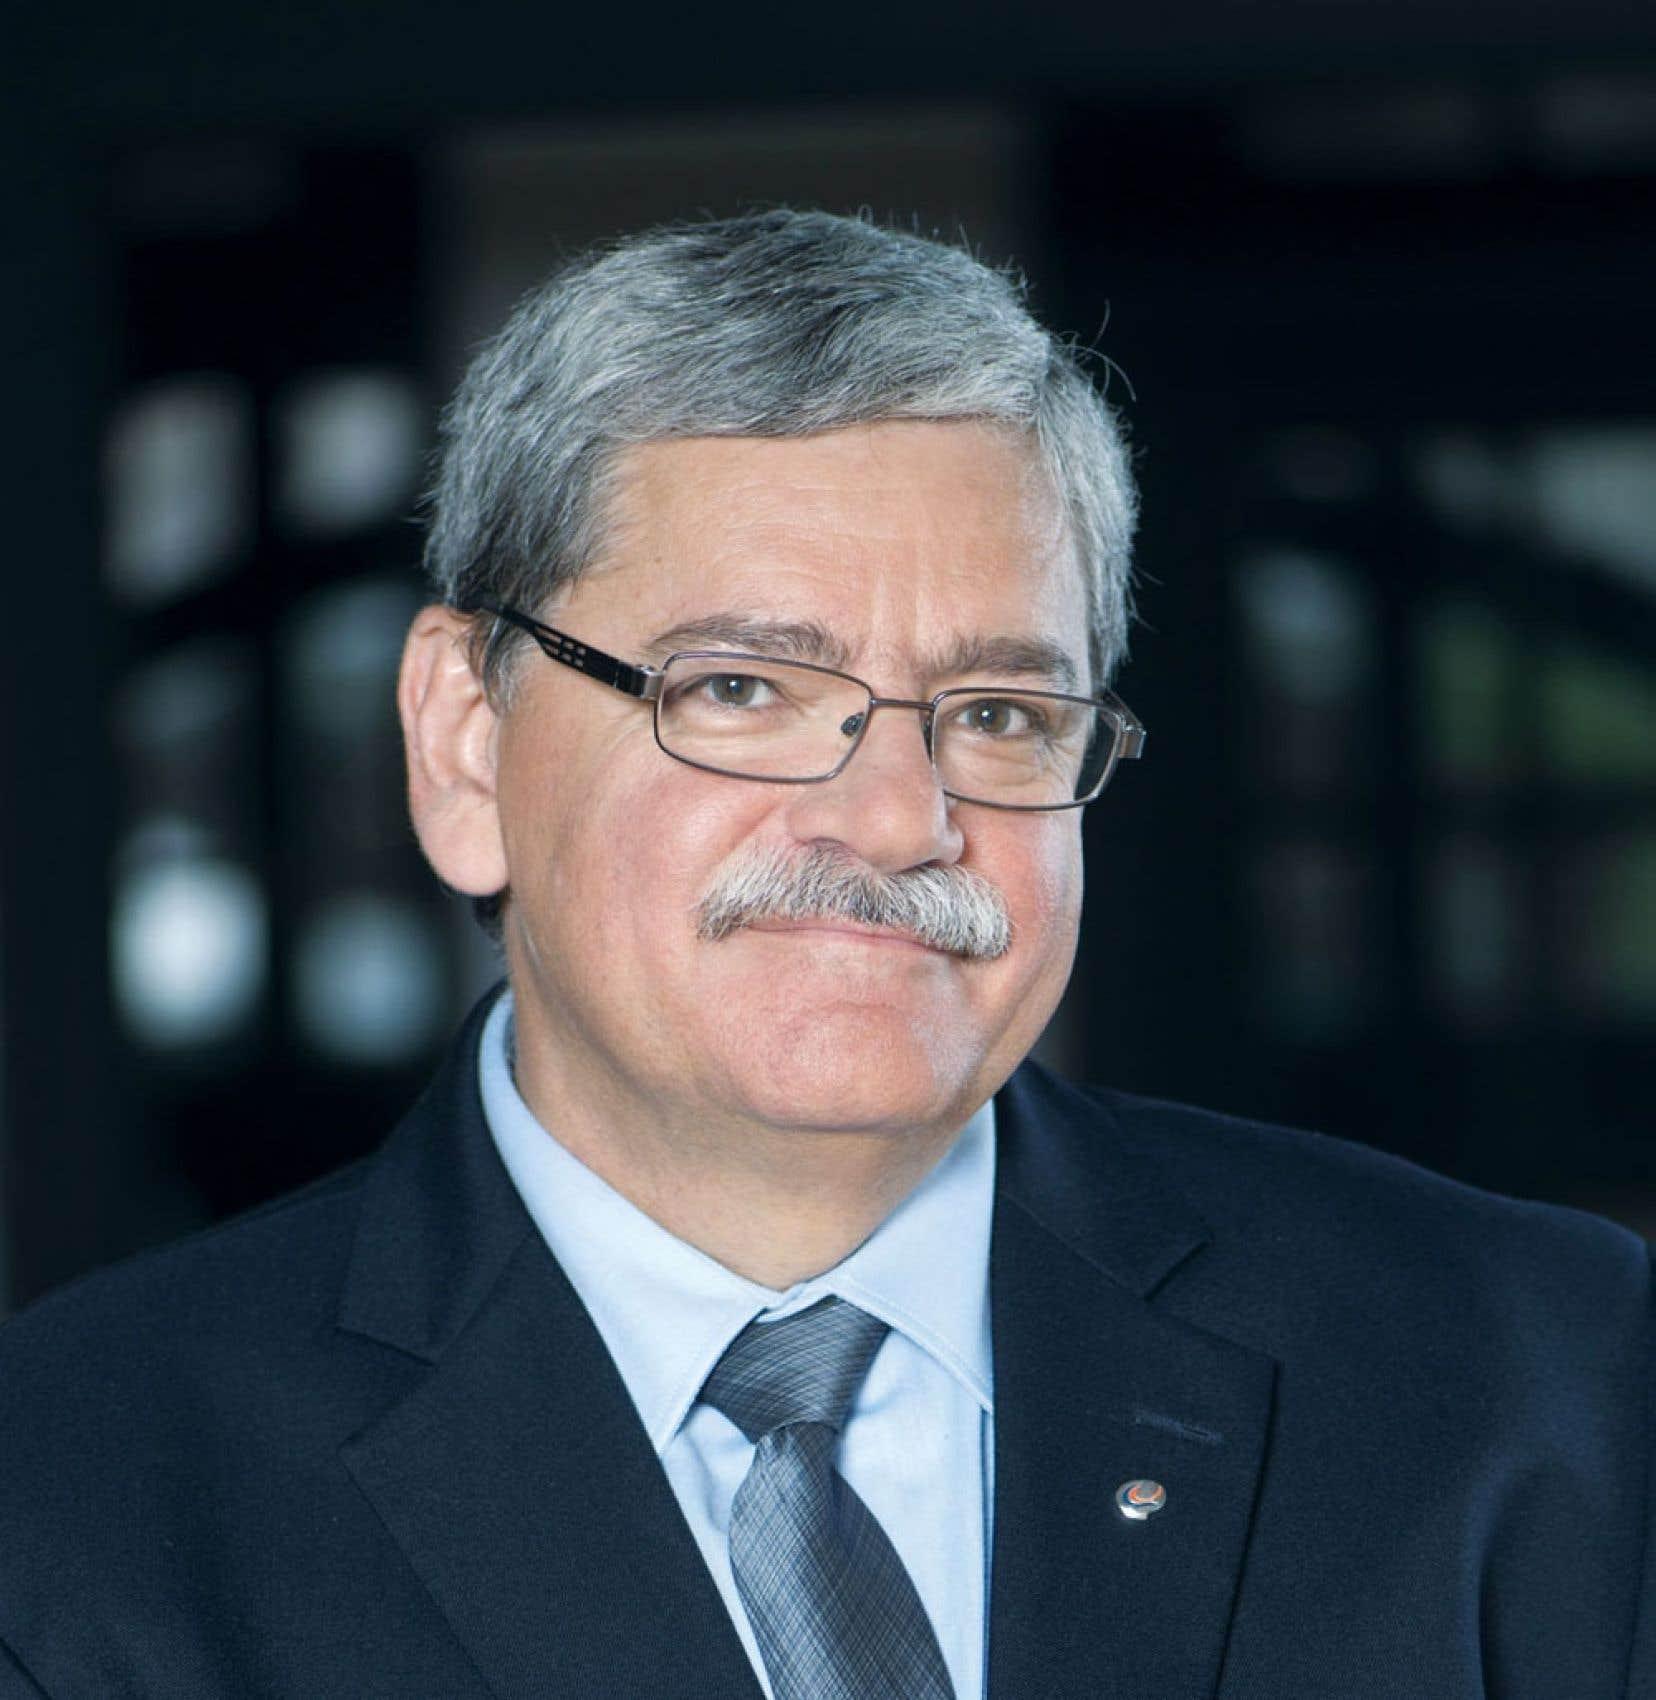 Quand Michel L. Tremblay a pris la direction du Centre de recherche sur le cancer de McGill, on y comptait que 6 chercheurs principaux. Treize ans plus tard, ils sont 25.